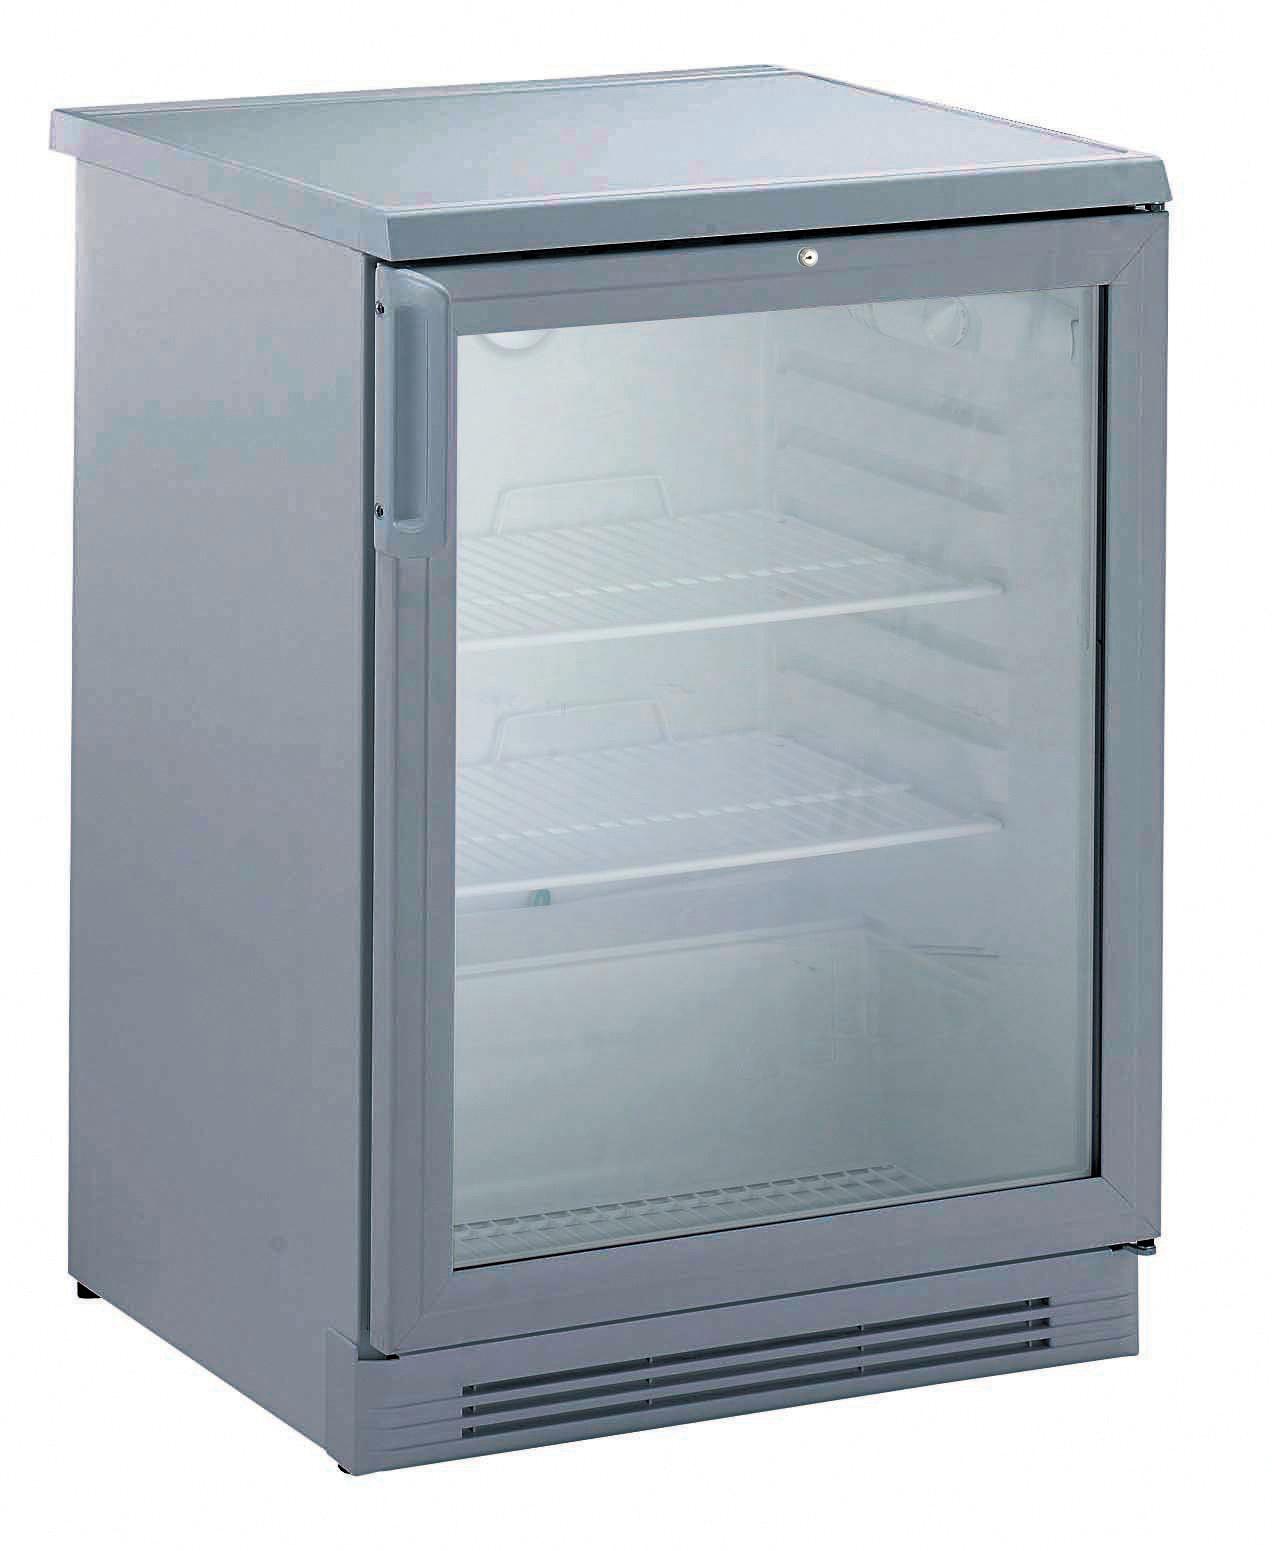 Electrolux 160L køle- og fryseskabe – R600a